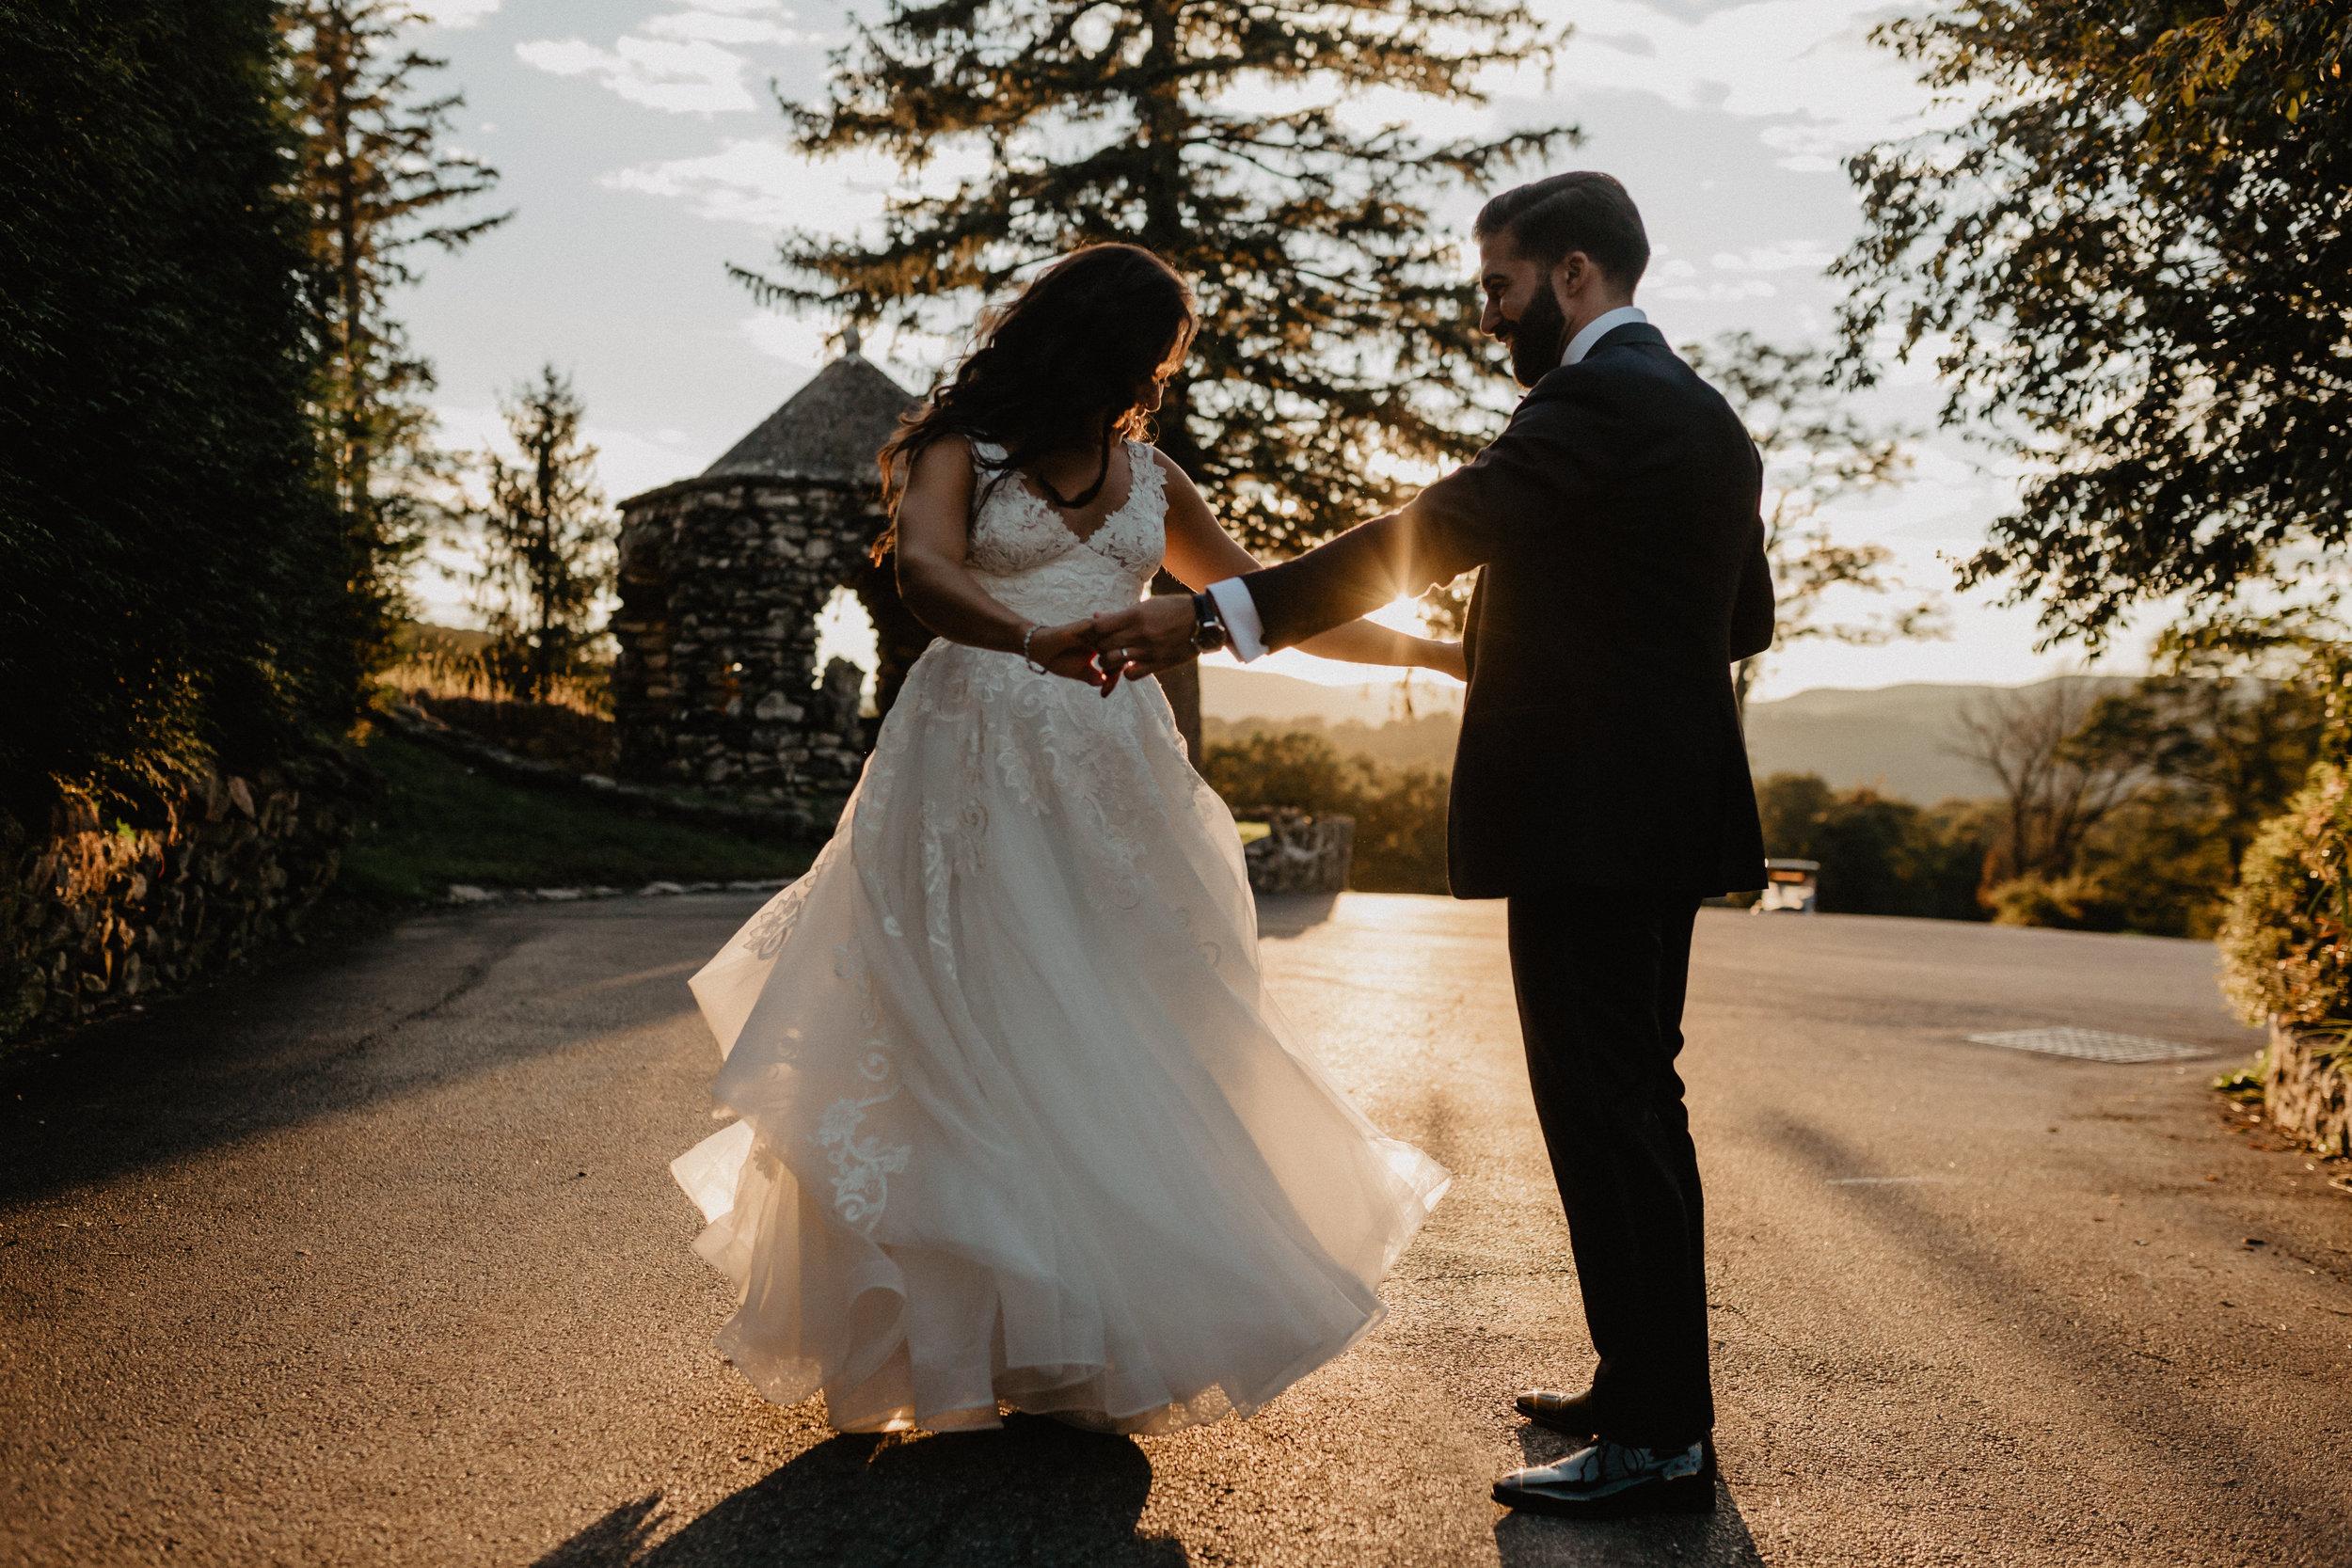 garrison_wedding_photos_064.jpg